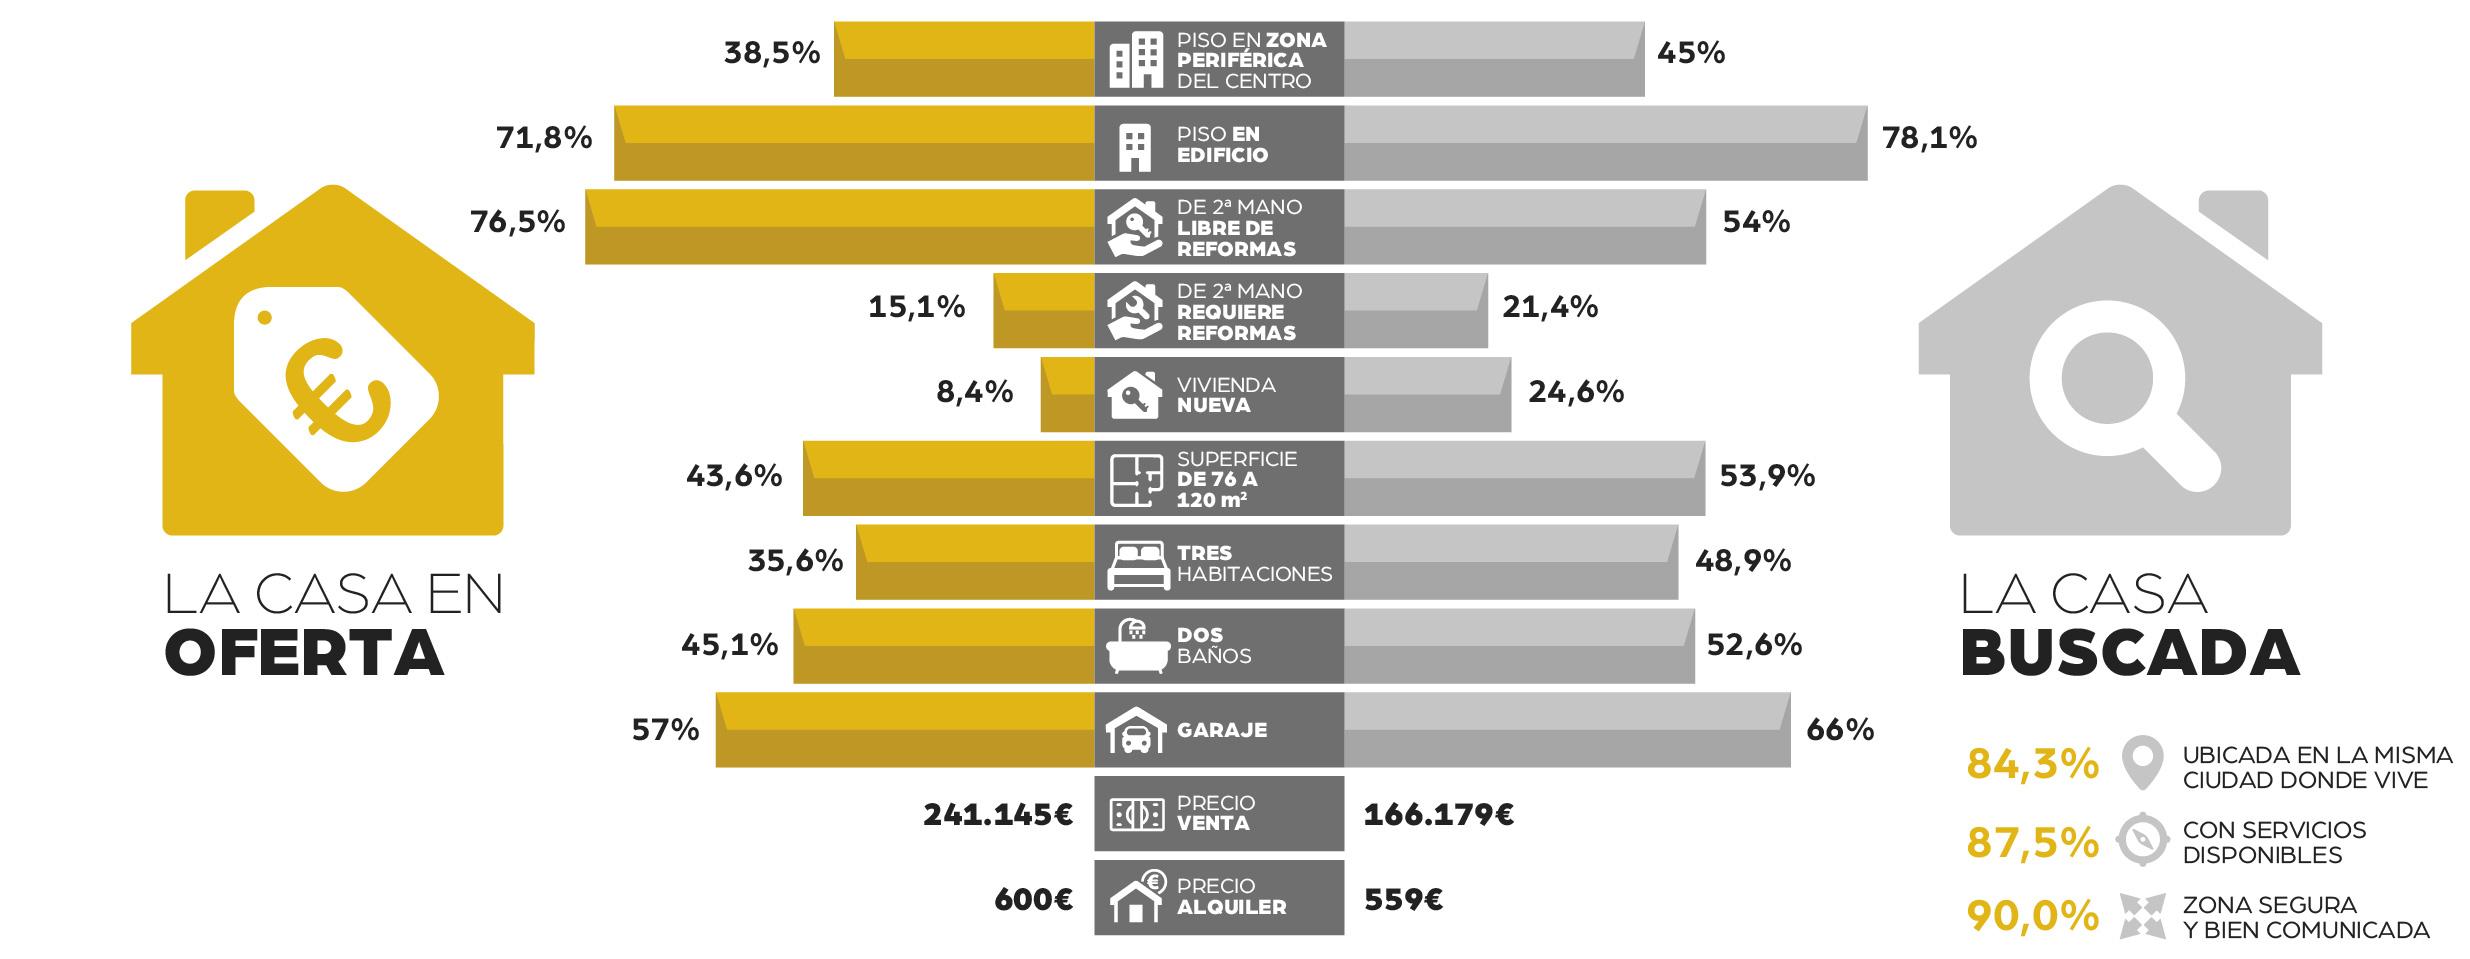 Publicaciones inmobiliarias. Precio de la vivienda